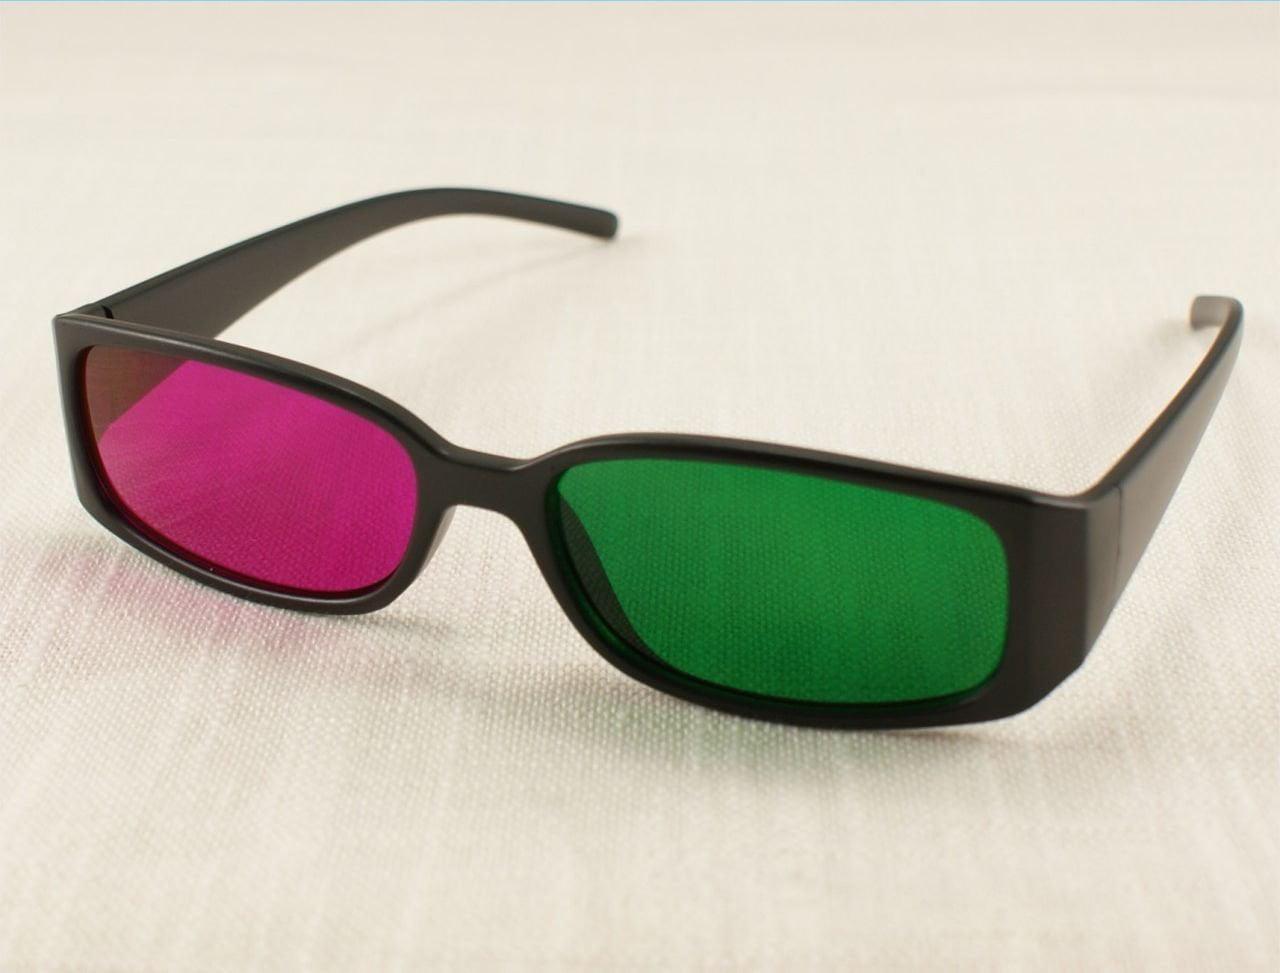 Красно-зеленые очки картинки